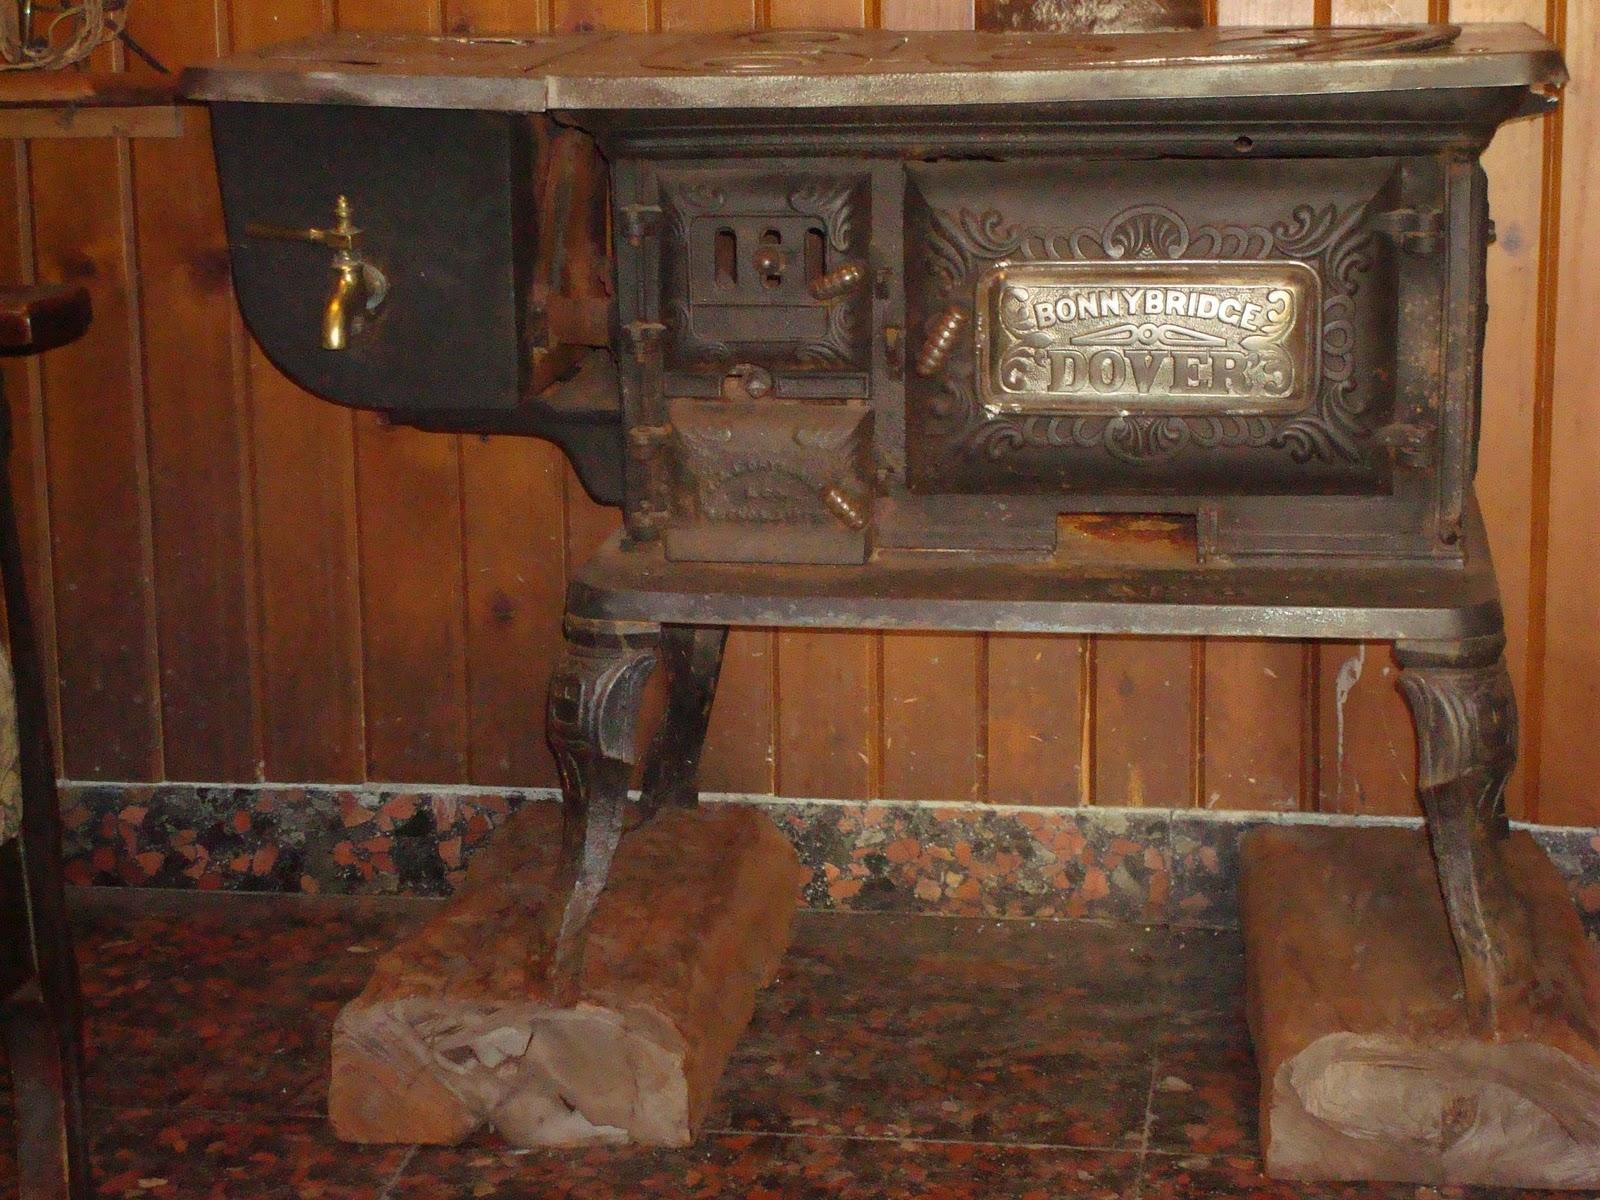 Antig edades reciclado y creaciones el pampa cocina a le a - Cocinas de lena antiguas ...